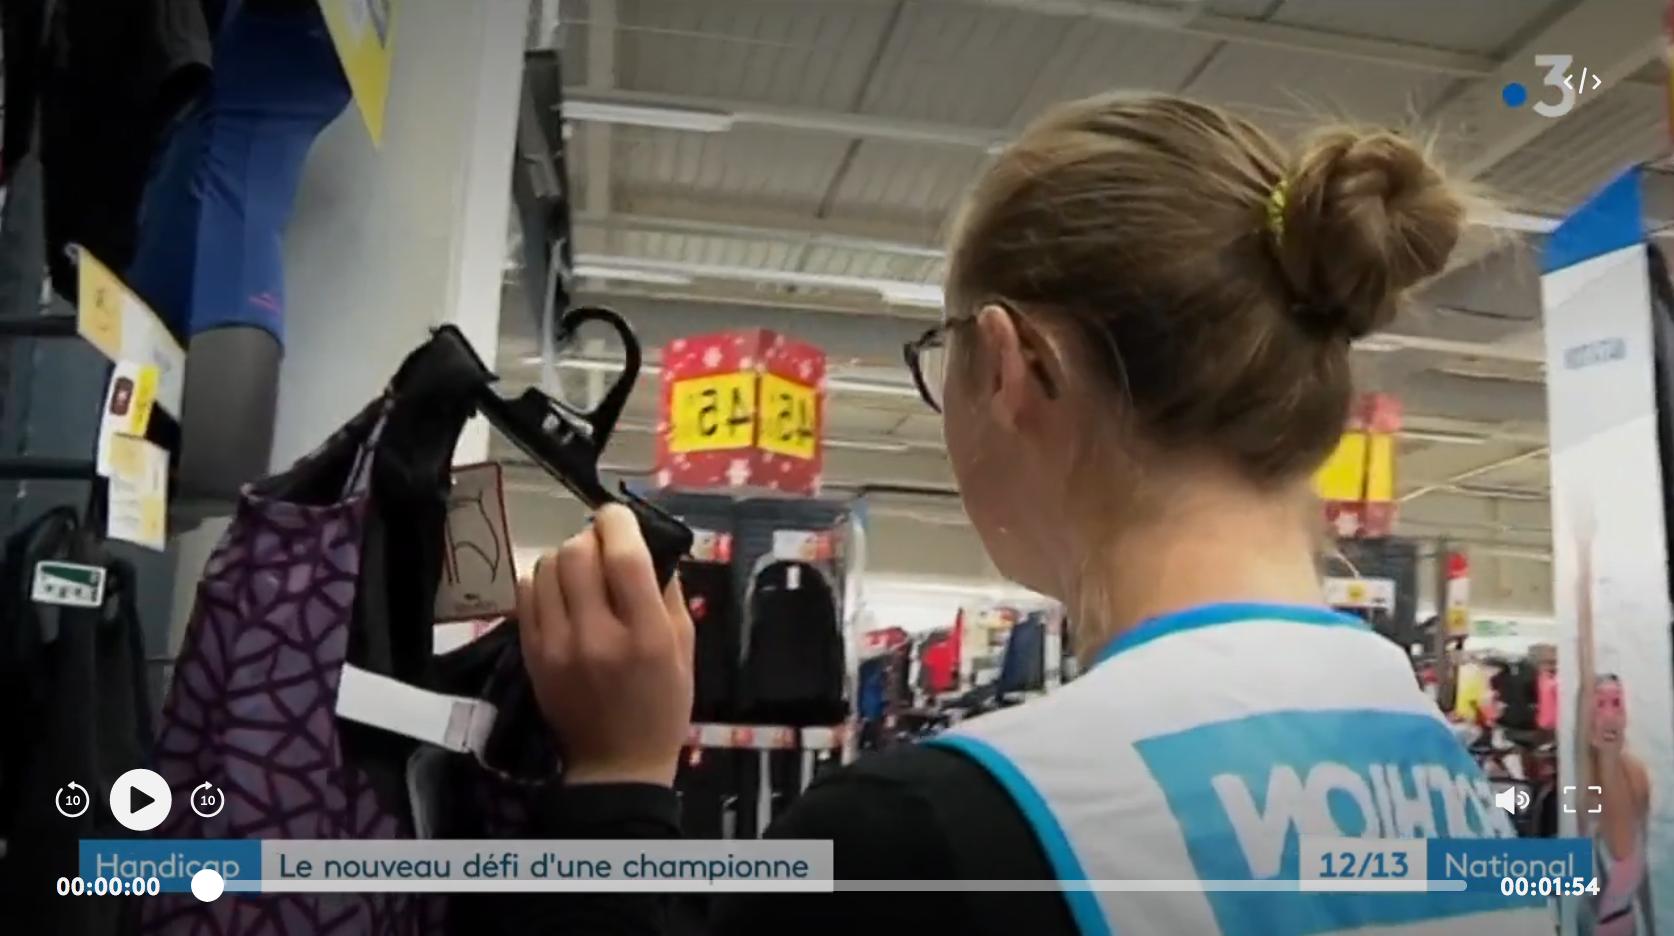 Travail : le nouveau défi d'une championne de natation, atteinte de trisomie 21 (REPORTAGE)